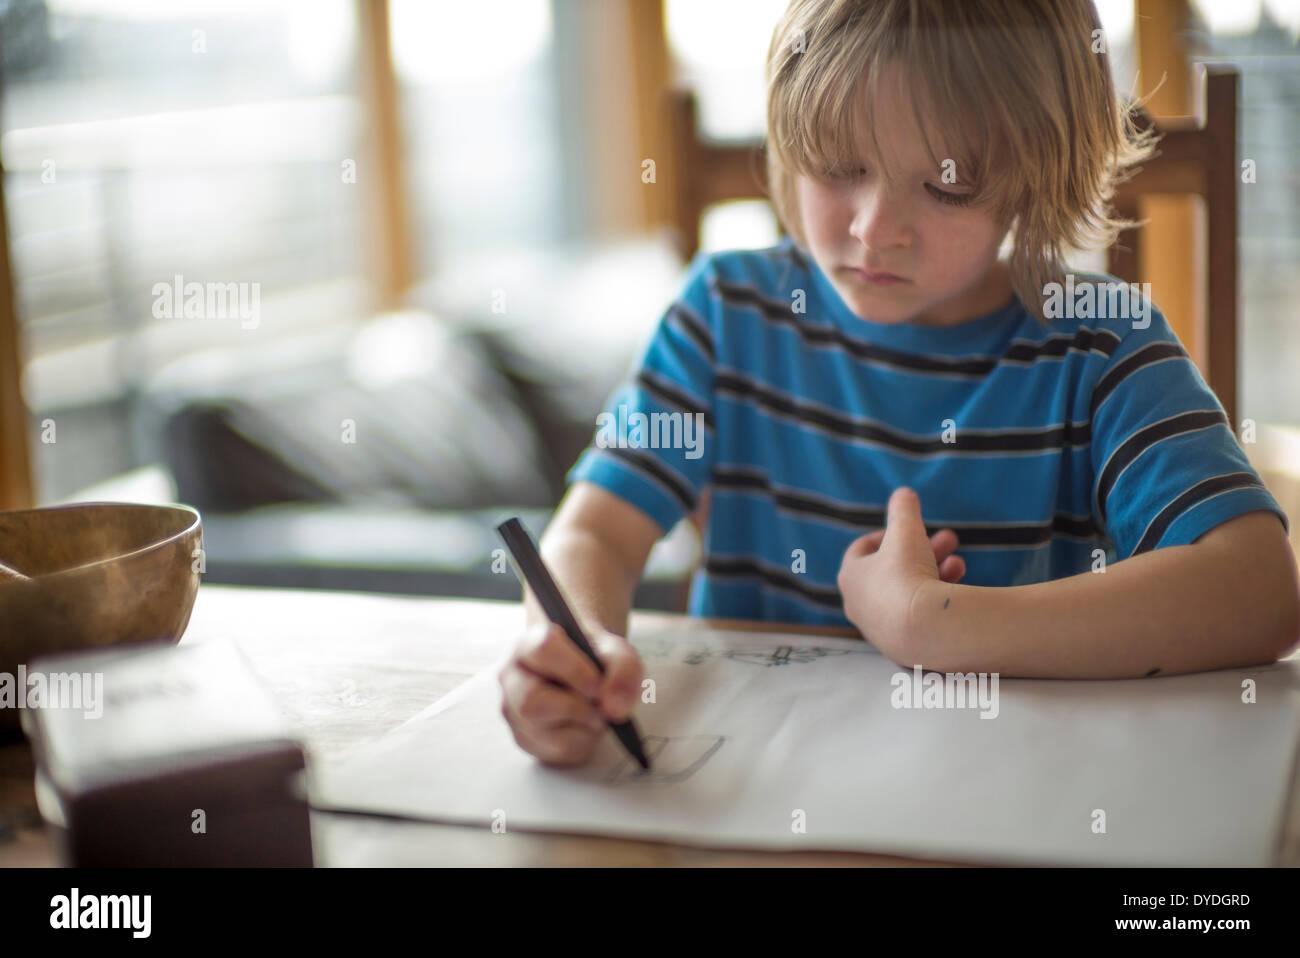 Sieben Jahre alter Junge Zeichnung am Tisch. Stockbild